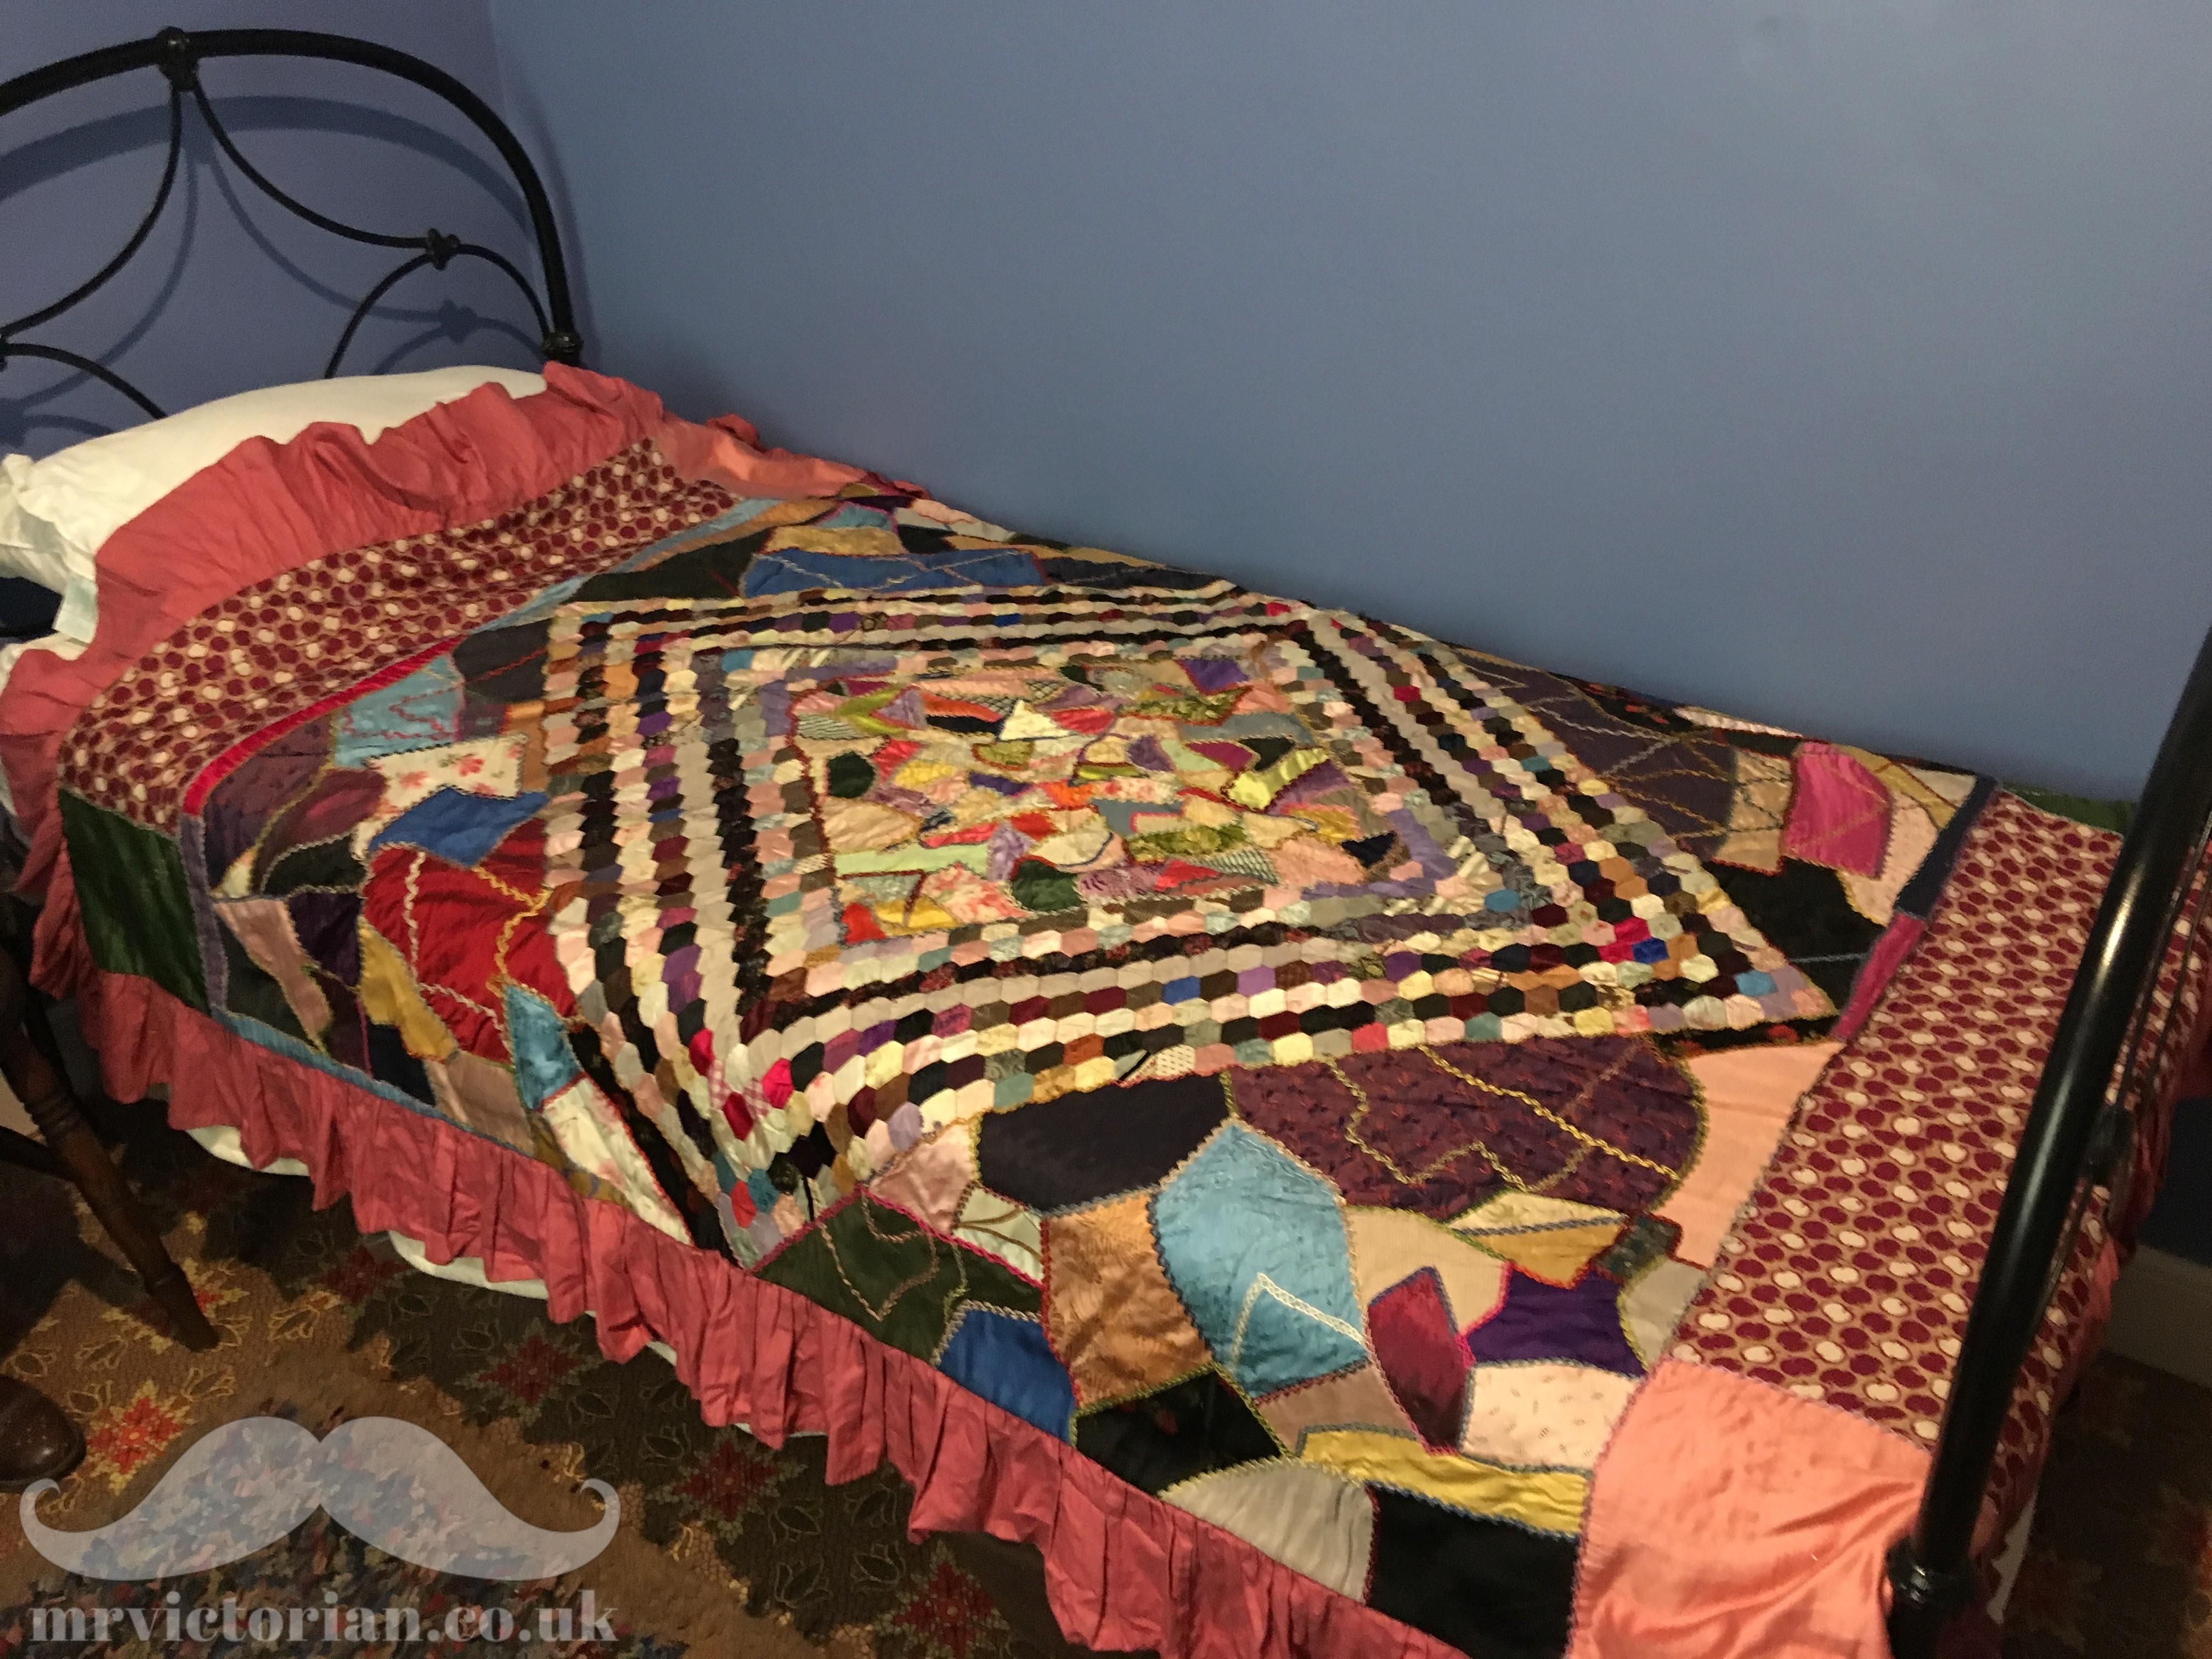 Victorian patchwork quilt bedroom antique